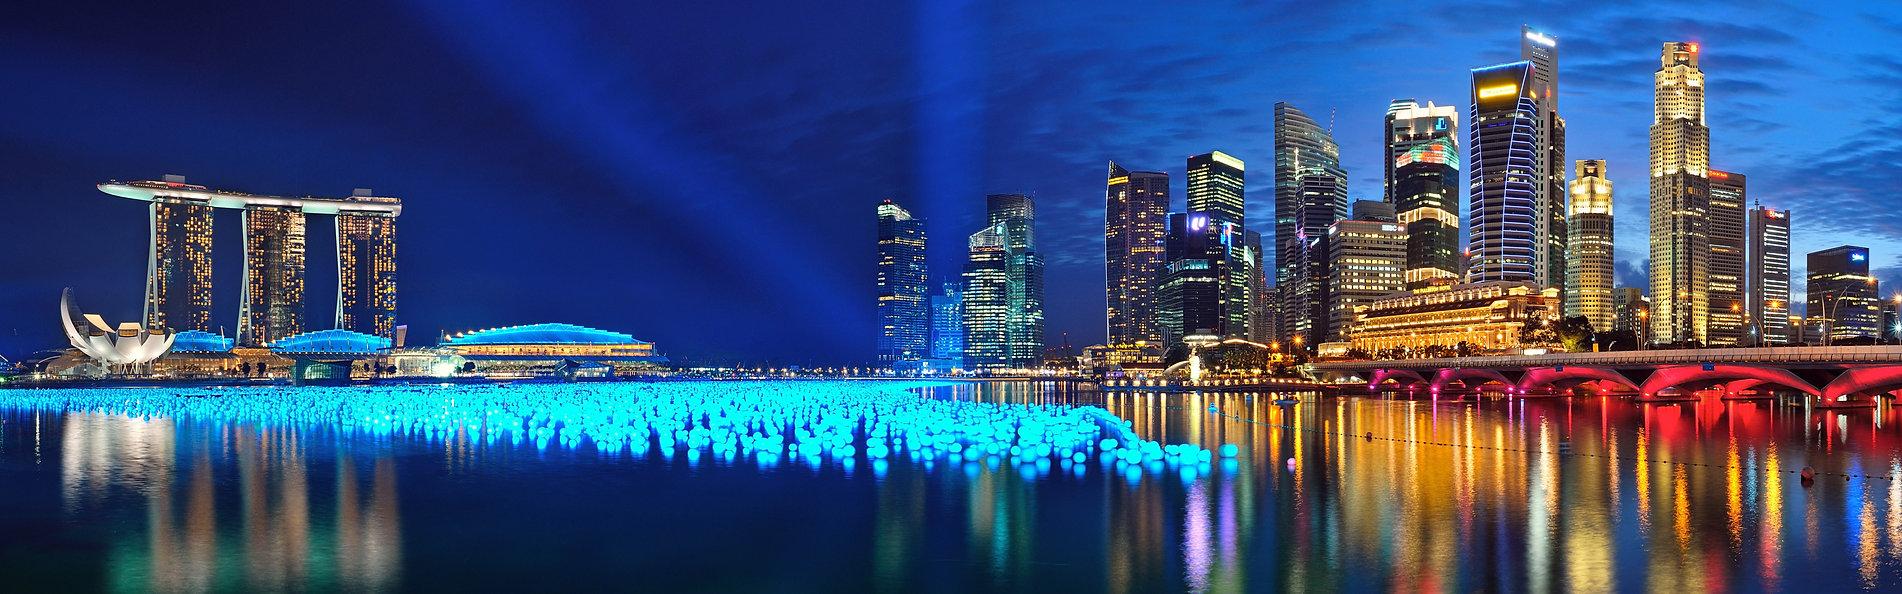 Singapore Panoramic.jpg